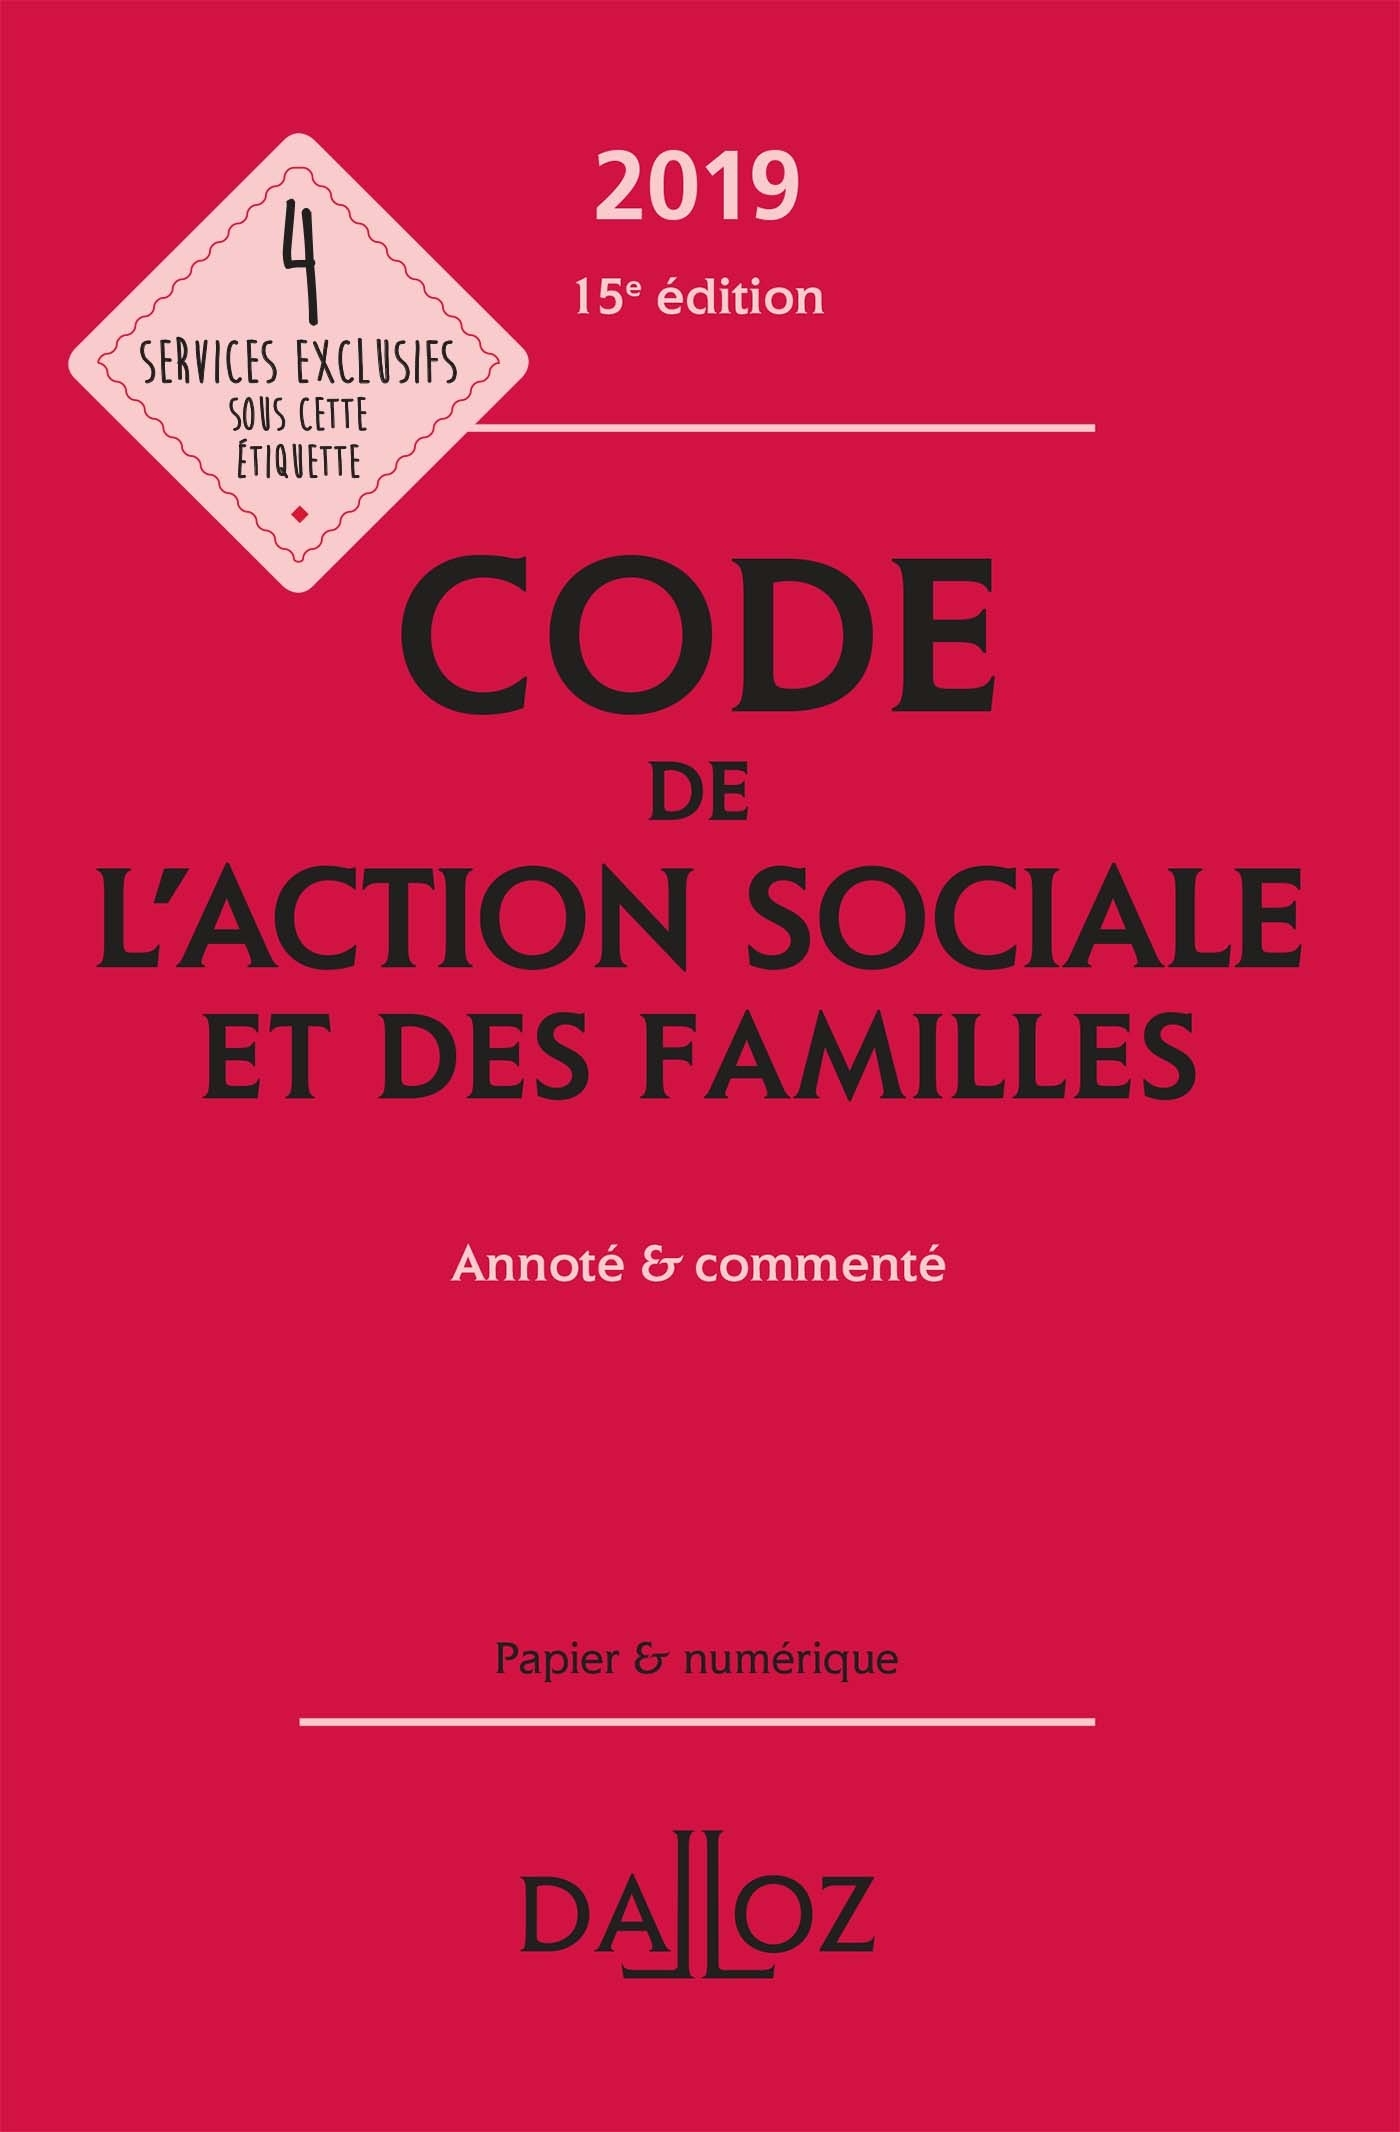 CODE DE L'ACTION SOCIALE ET DES FAMILLES 2019, ANNOTE ET COMMENTE - 15E ED.